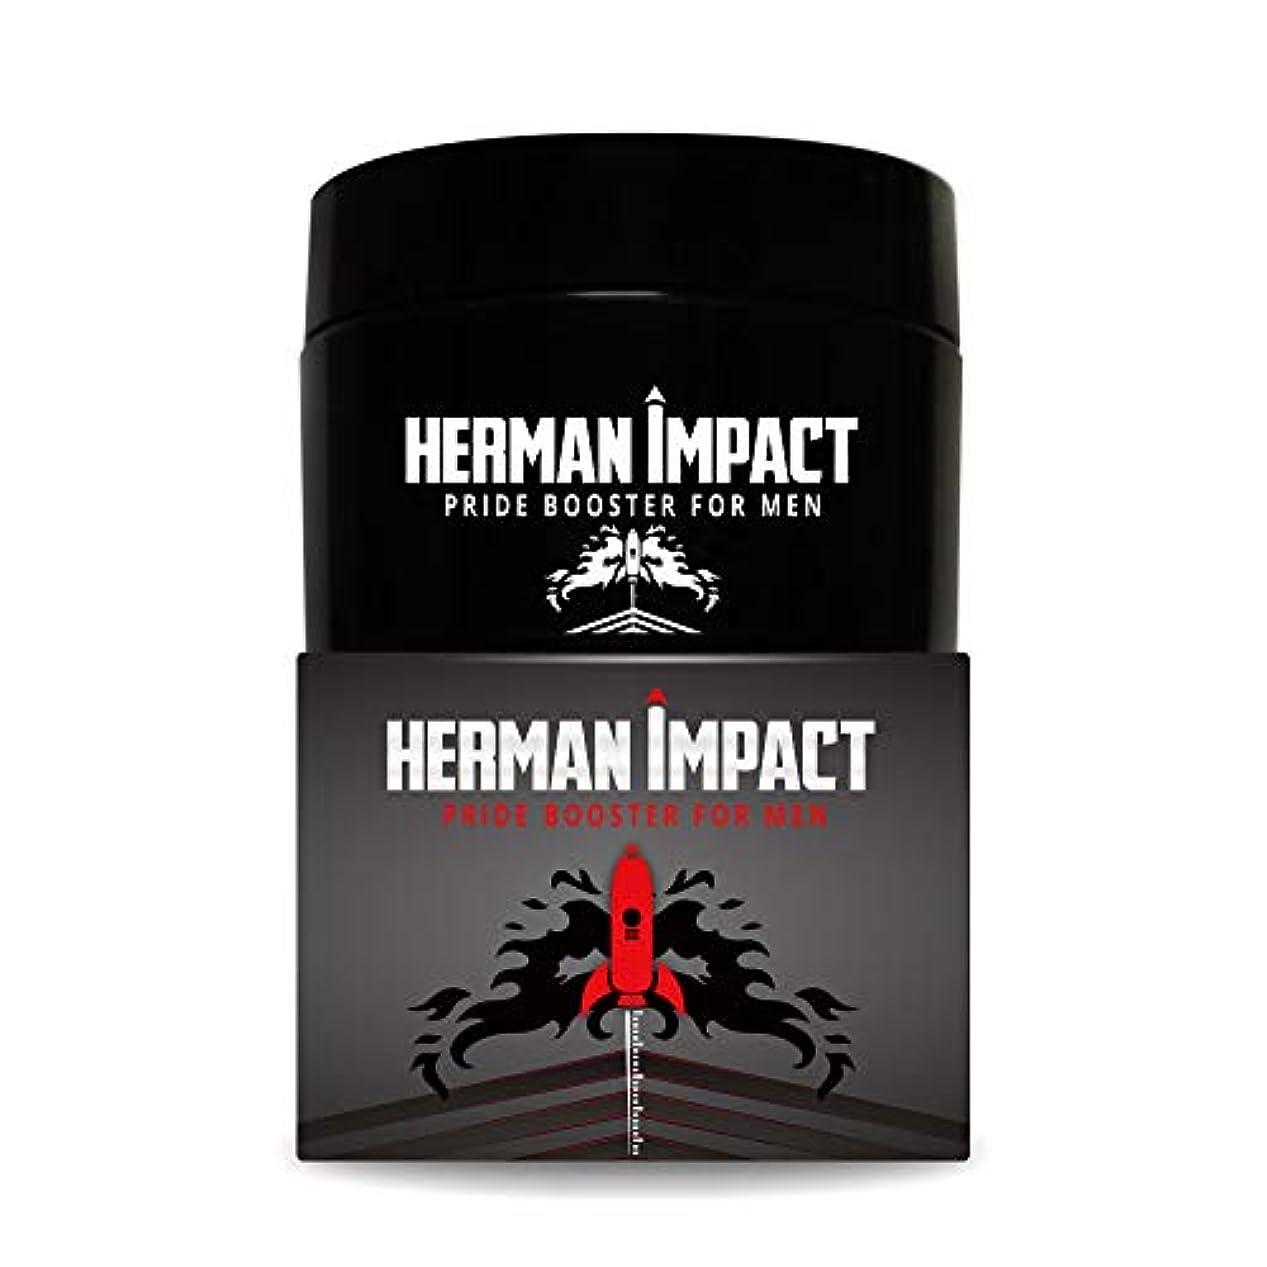 プロジェクター筋規範HARMAN IMPACT ハーマンインパクト